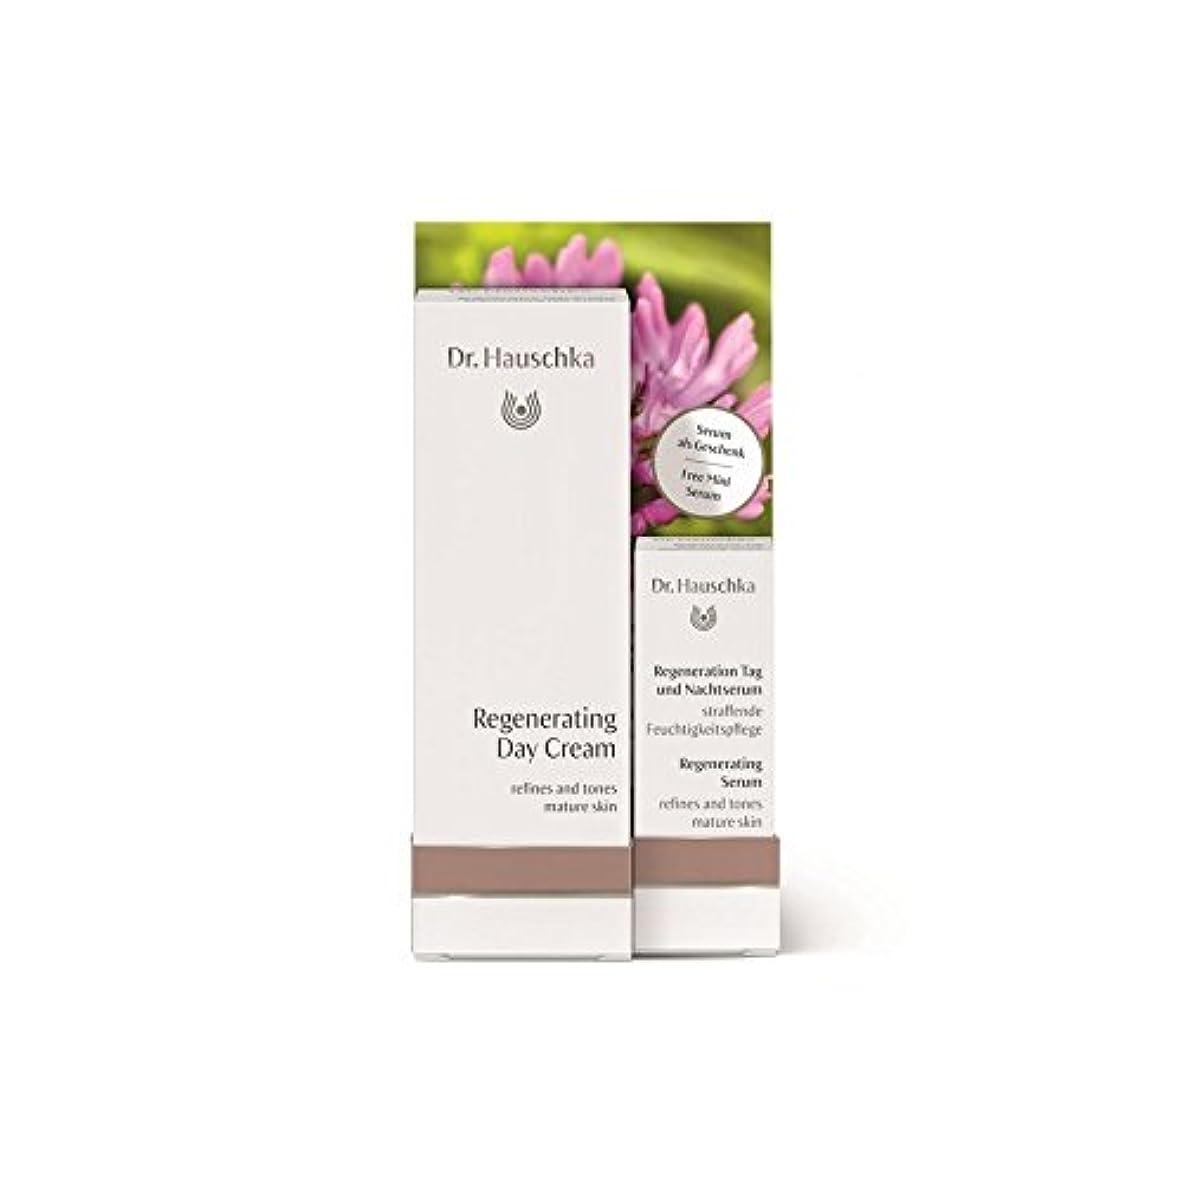 怠感退屈させるフィッティング無料再生血清2.5ミリリットルとハウシュカ再生デイクリーム x2 - Dr. Hauschka Regenerating Day Cream with a free Regenerating Serum 2.5ml (Pack...